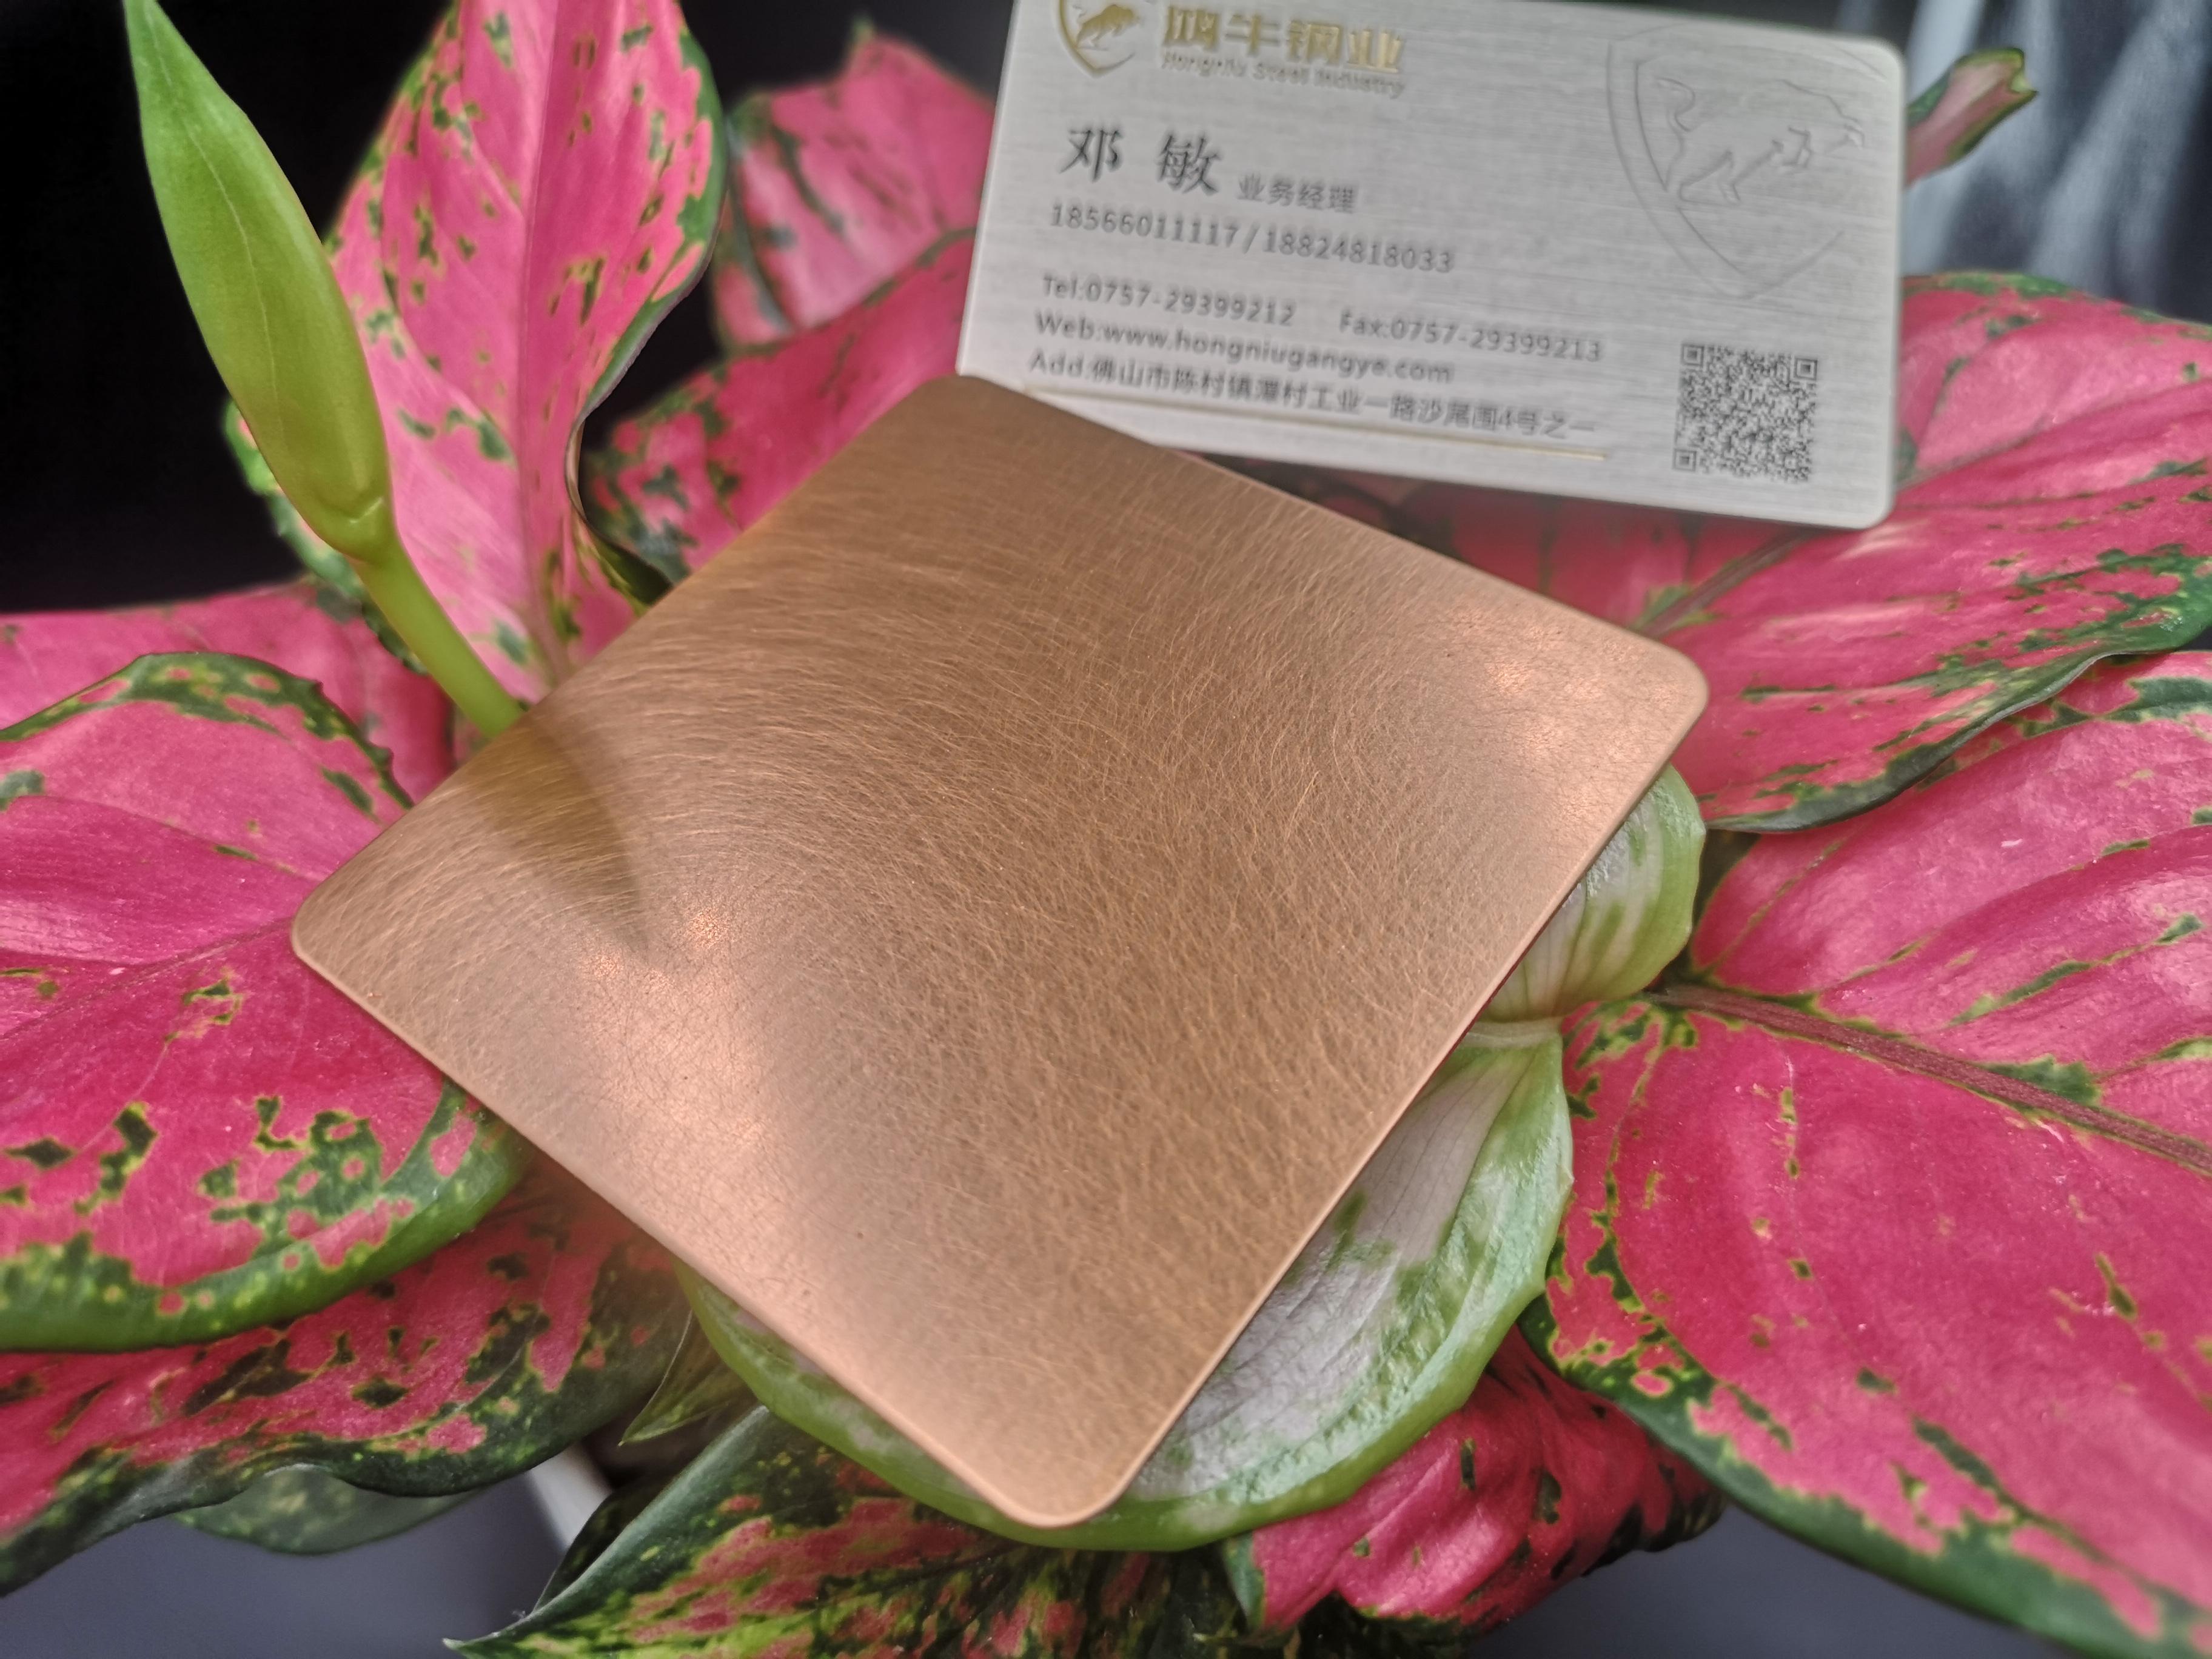 批发定制乱纹红古铜不锈钢 不锈钢生产厂家 抗指纹抗户外